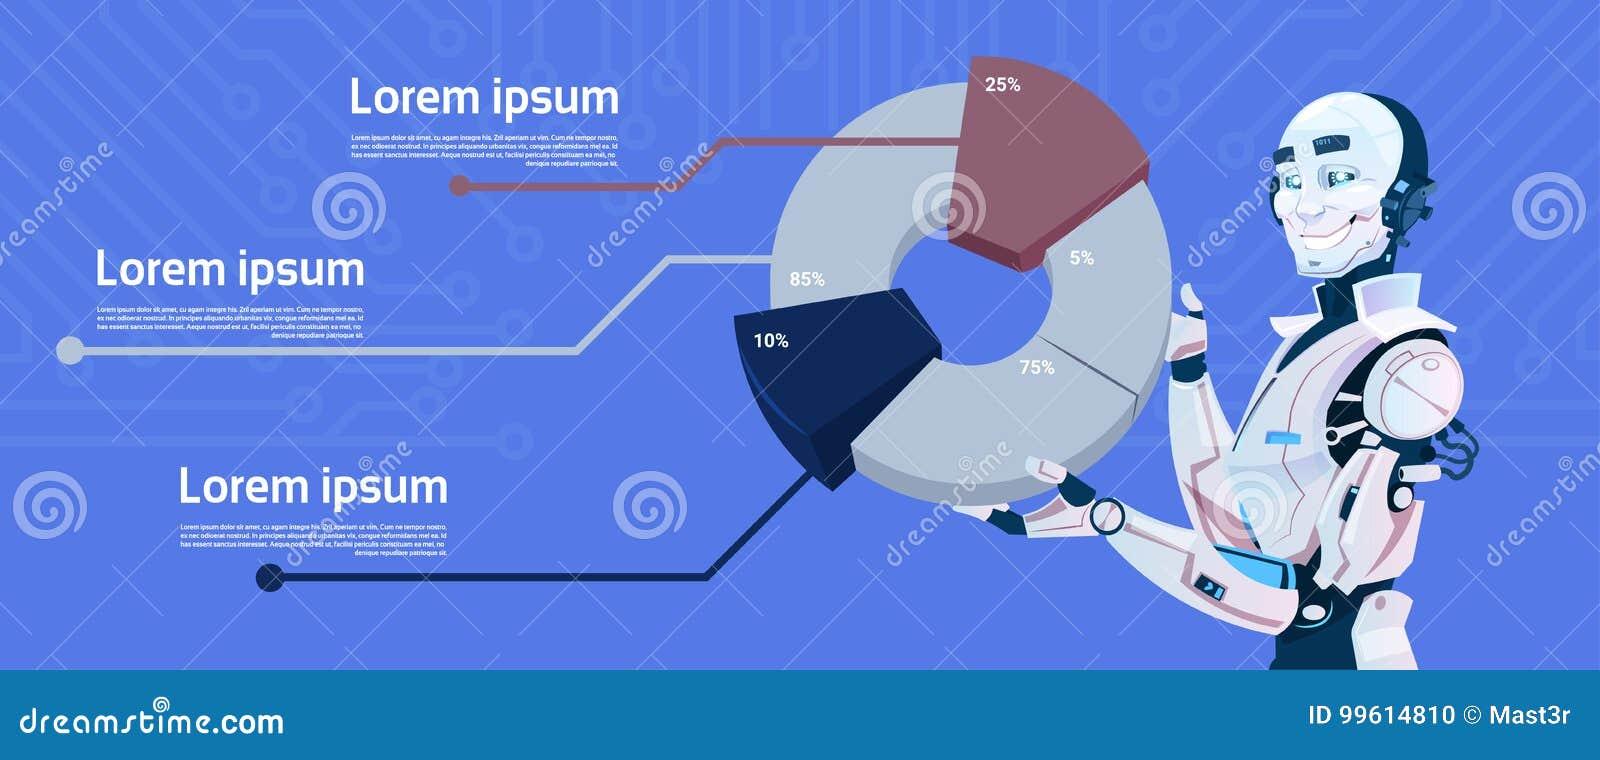 Het moderne Grafische Diagram van de Robotgreep, de Futuristische Technologie van het Kunstmatige intelligentiemechanisme